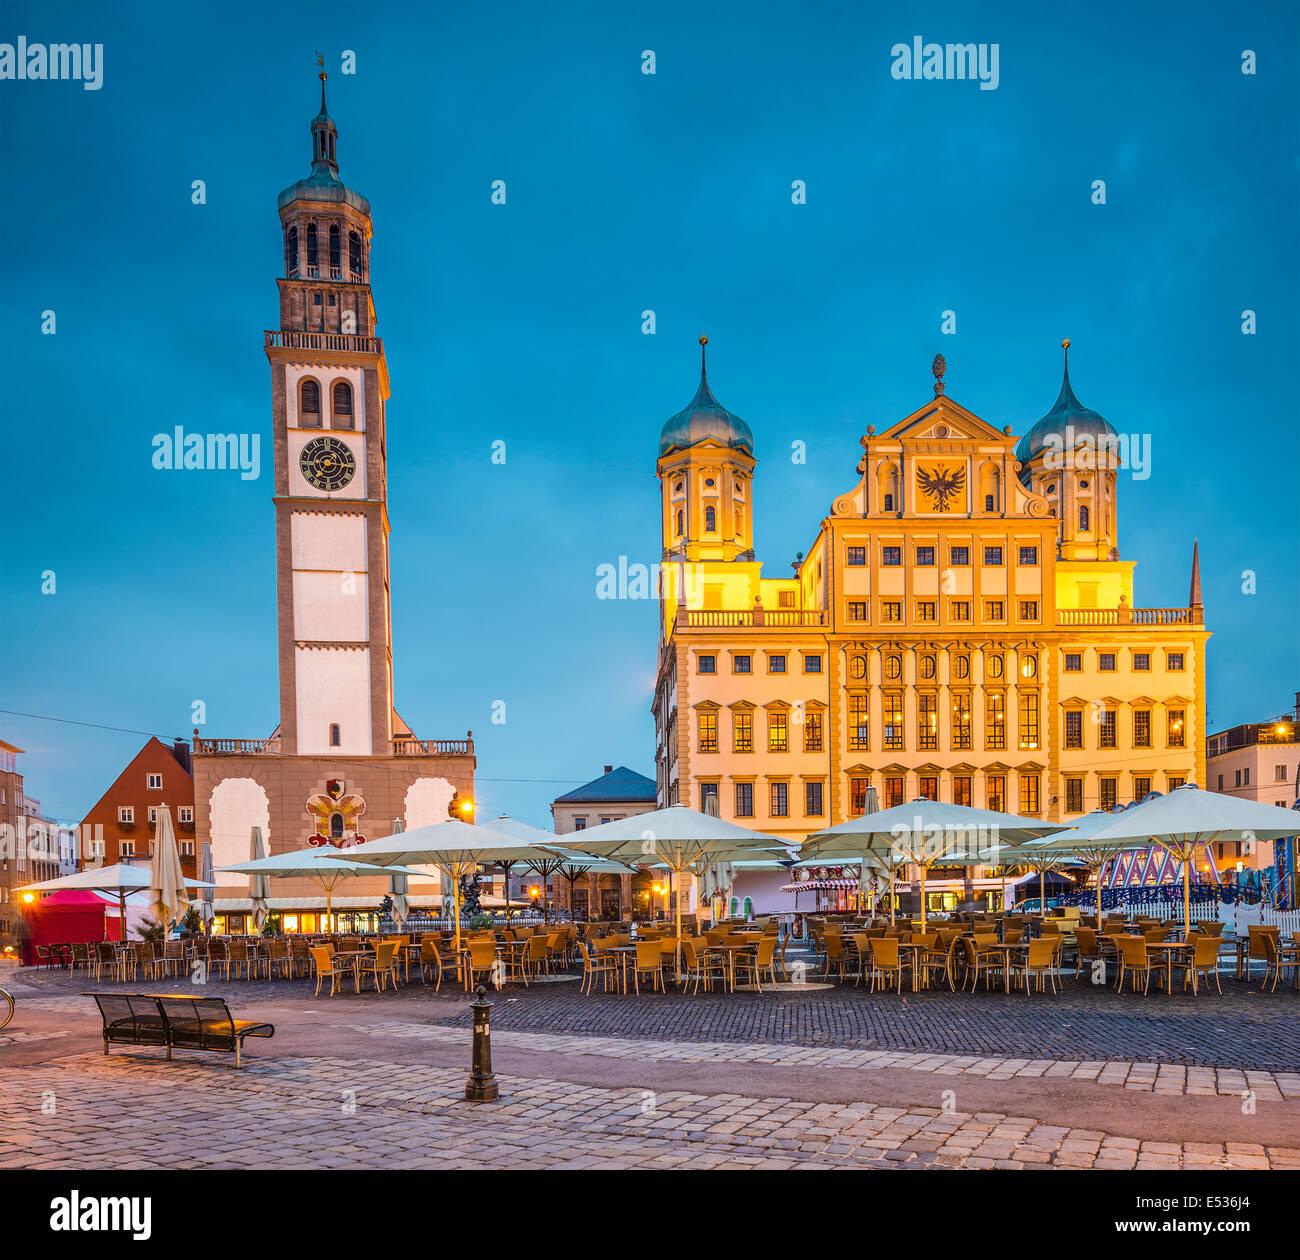 Augsburg, Deutschland Stadtbild am Rathausplatz Plaza. Stockbild